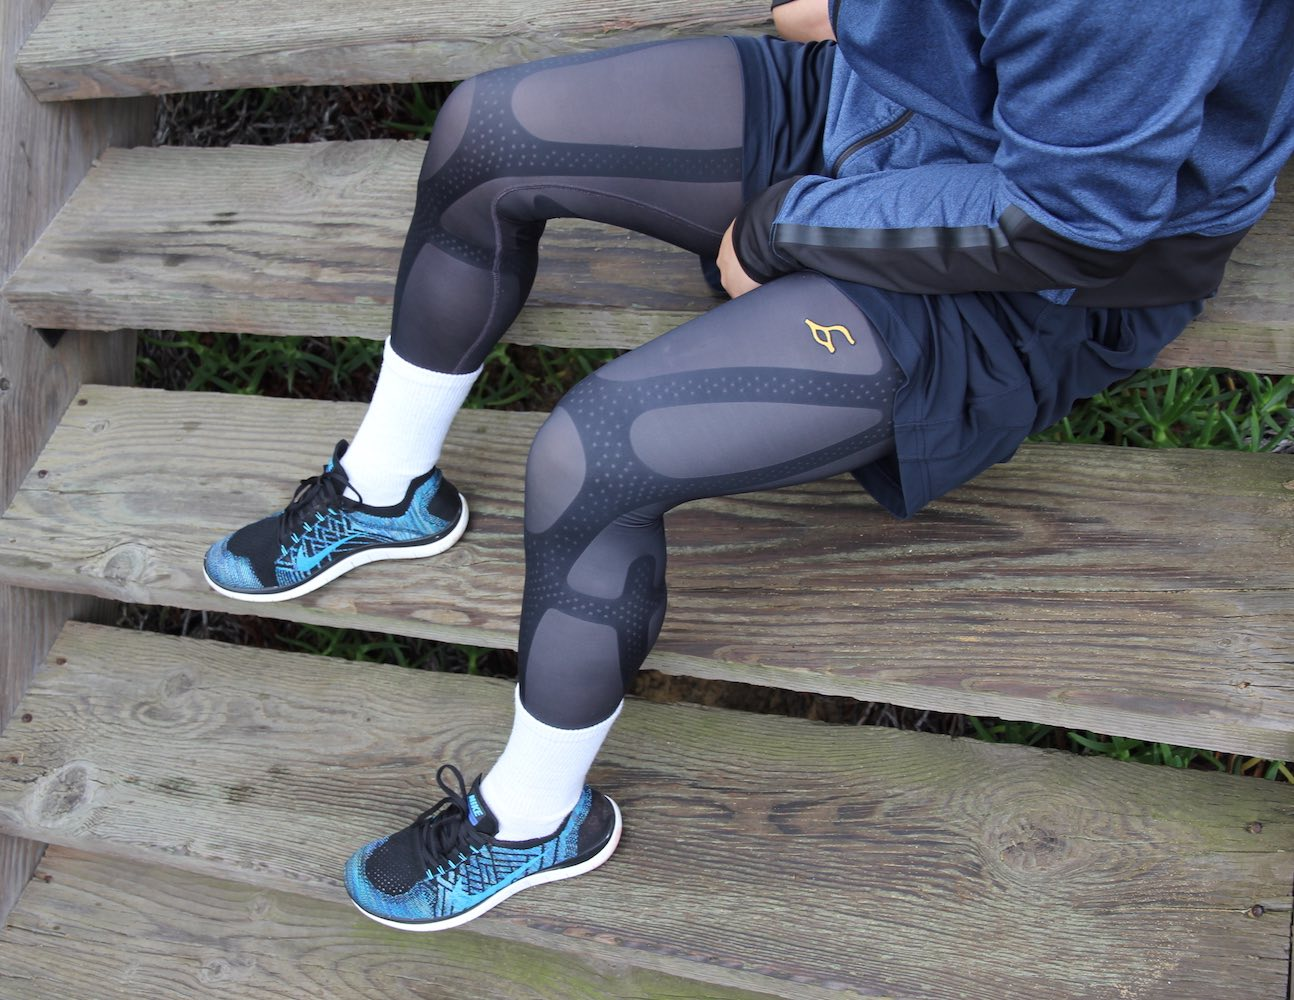 unisex-knee-sleeves-07